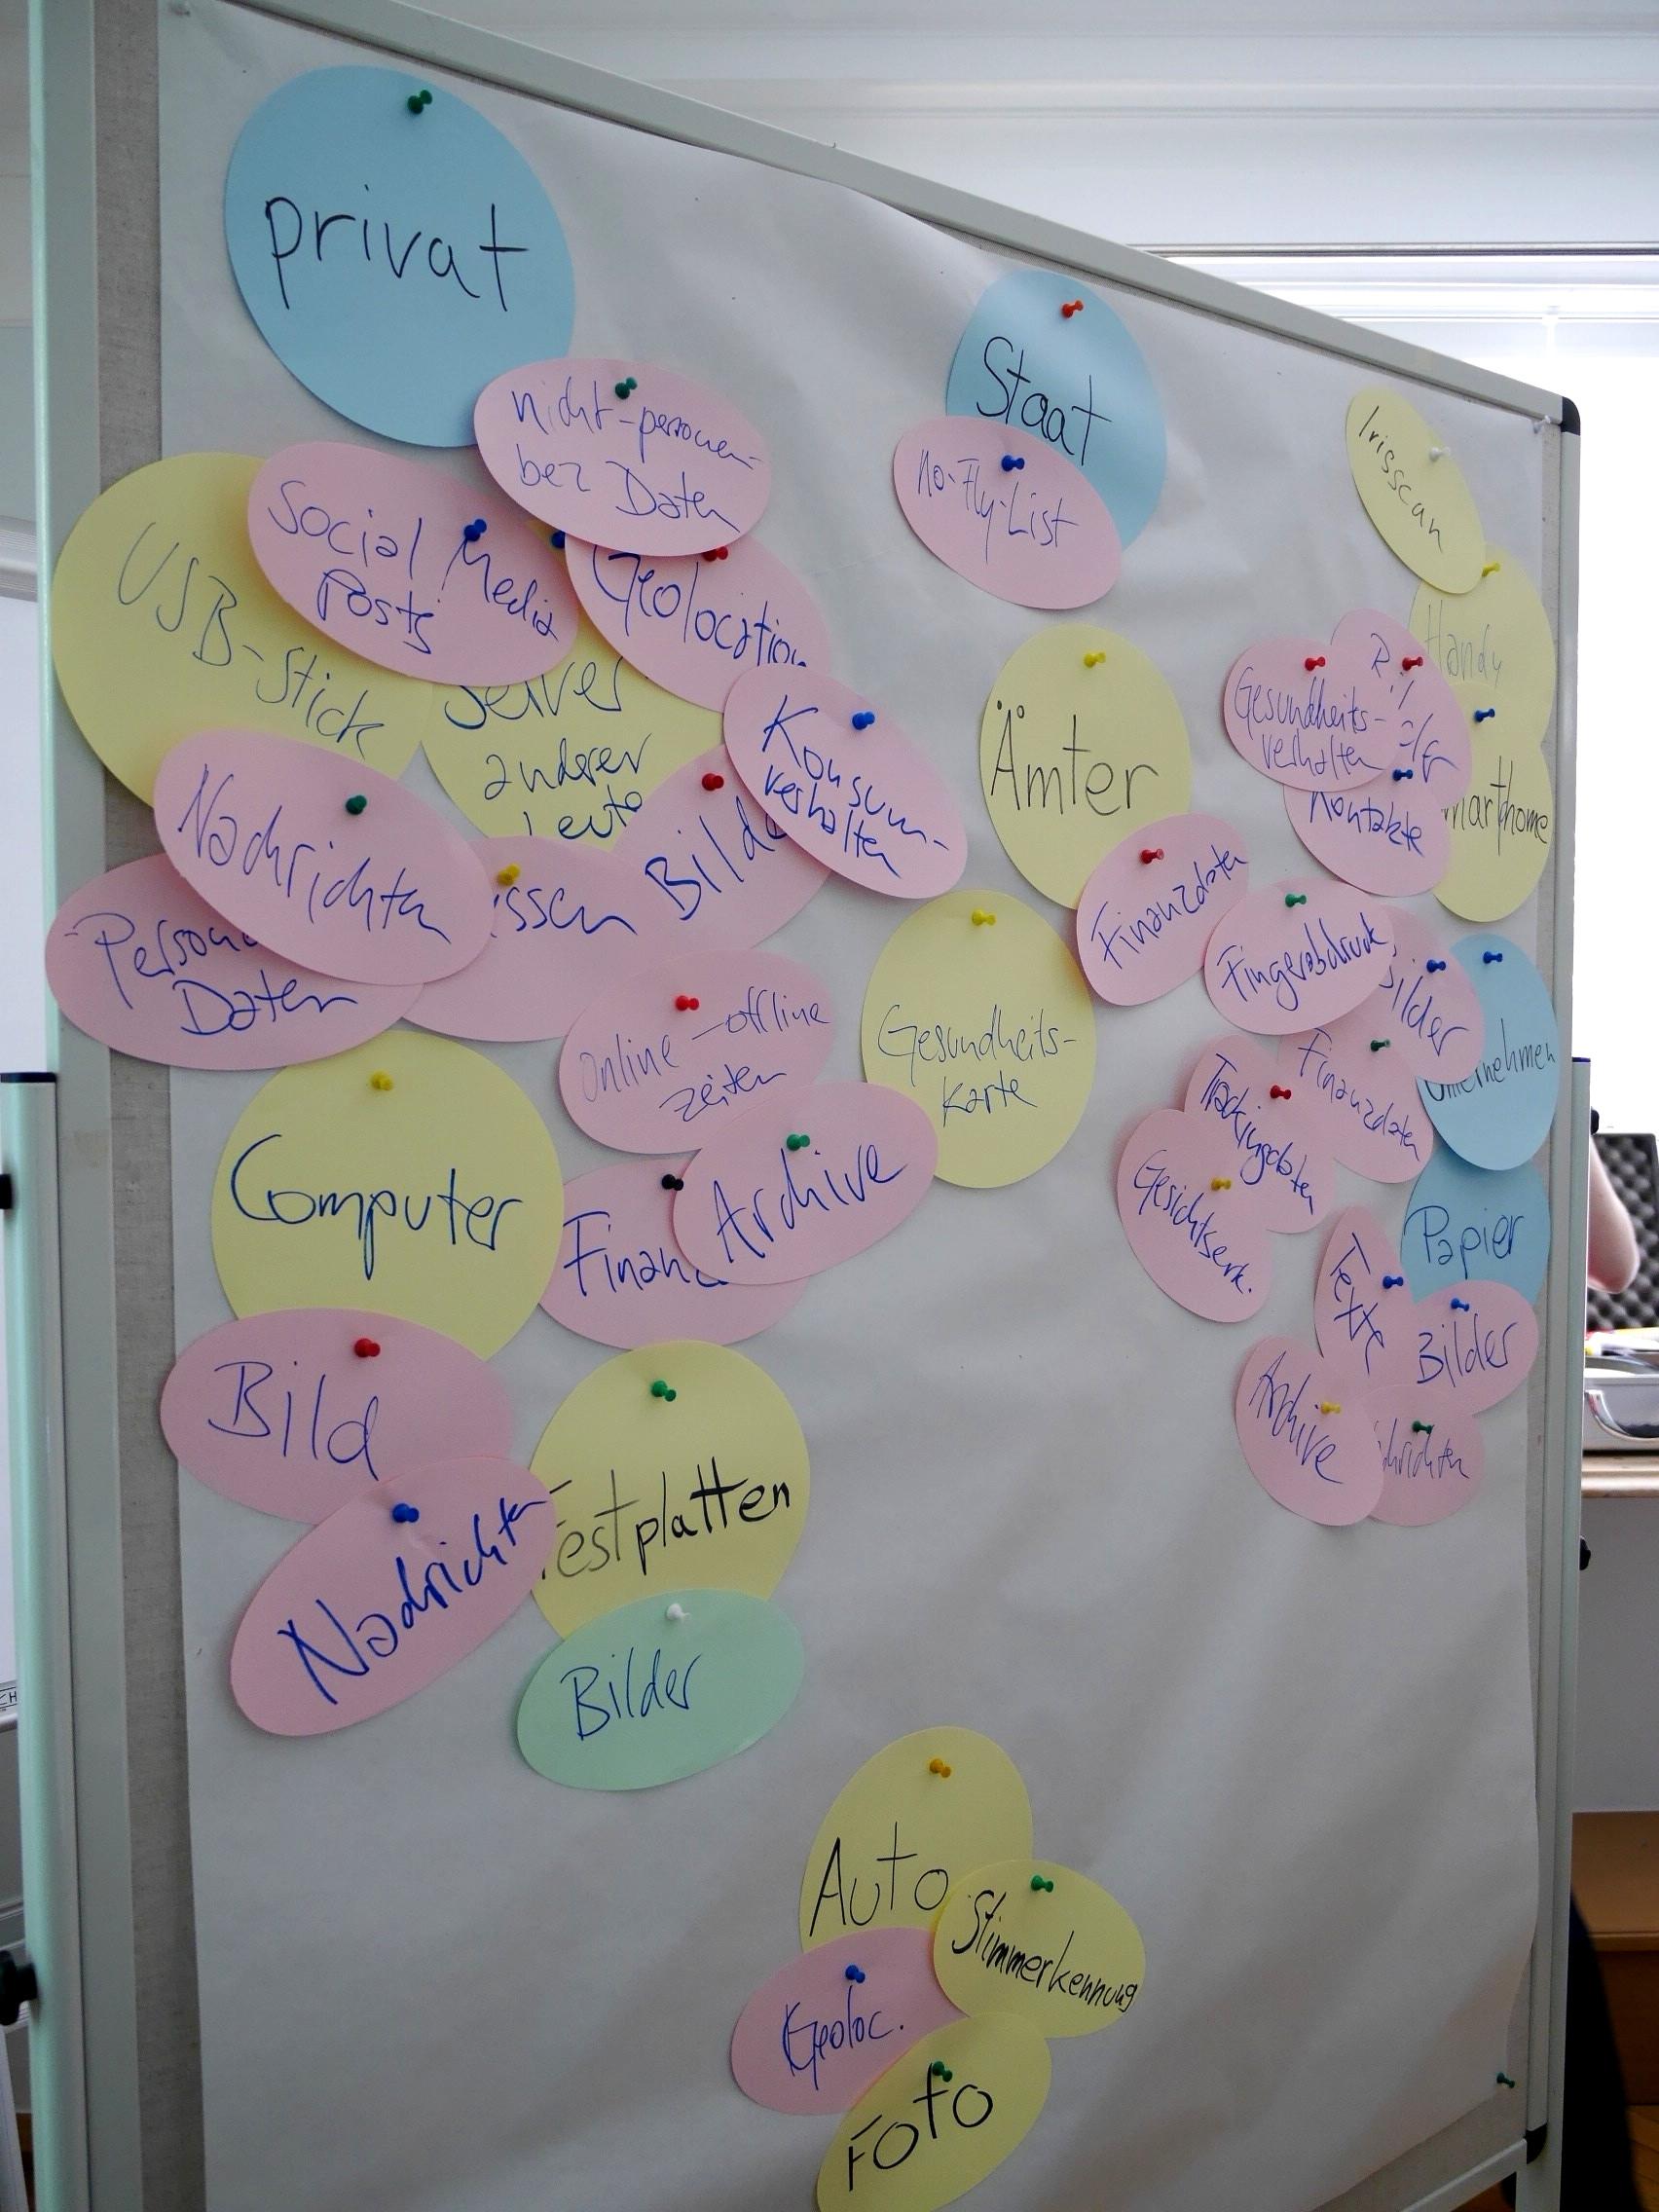 Die im Workshop gemeinsam erstellte Datenlandkarte.